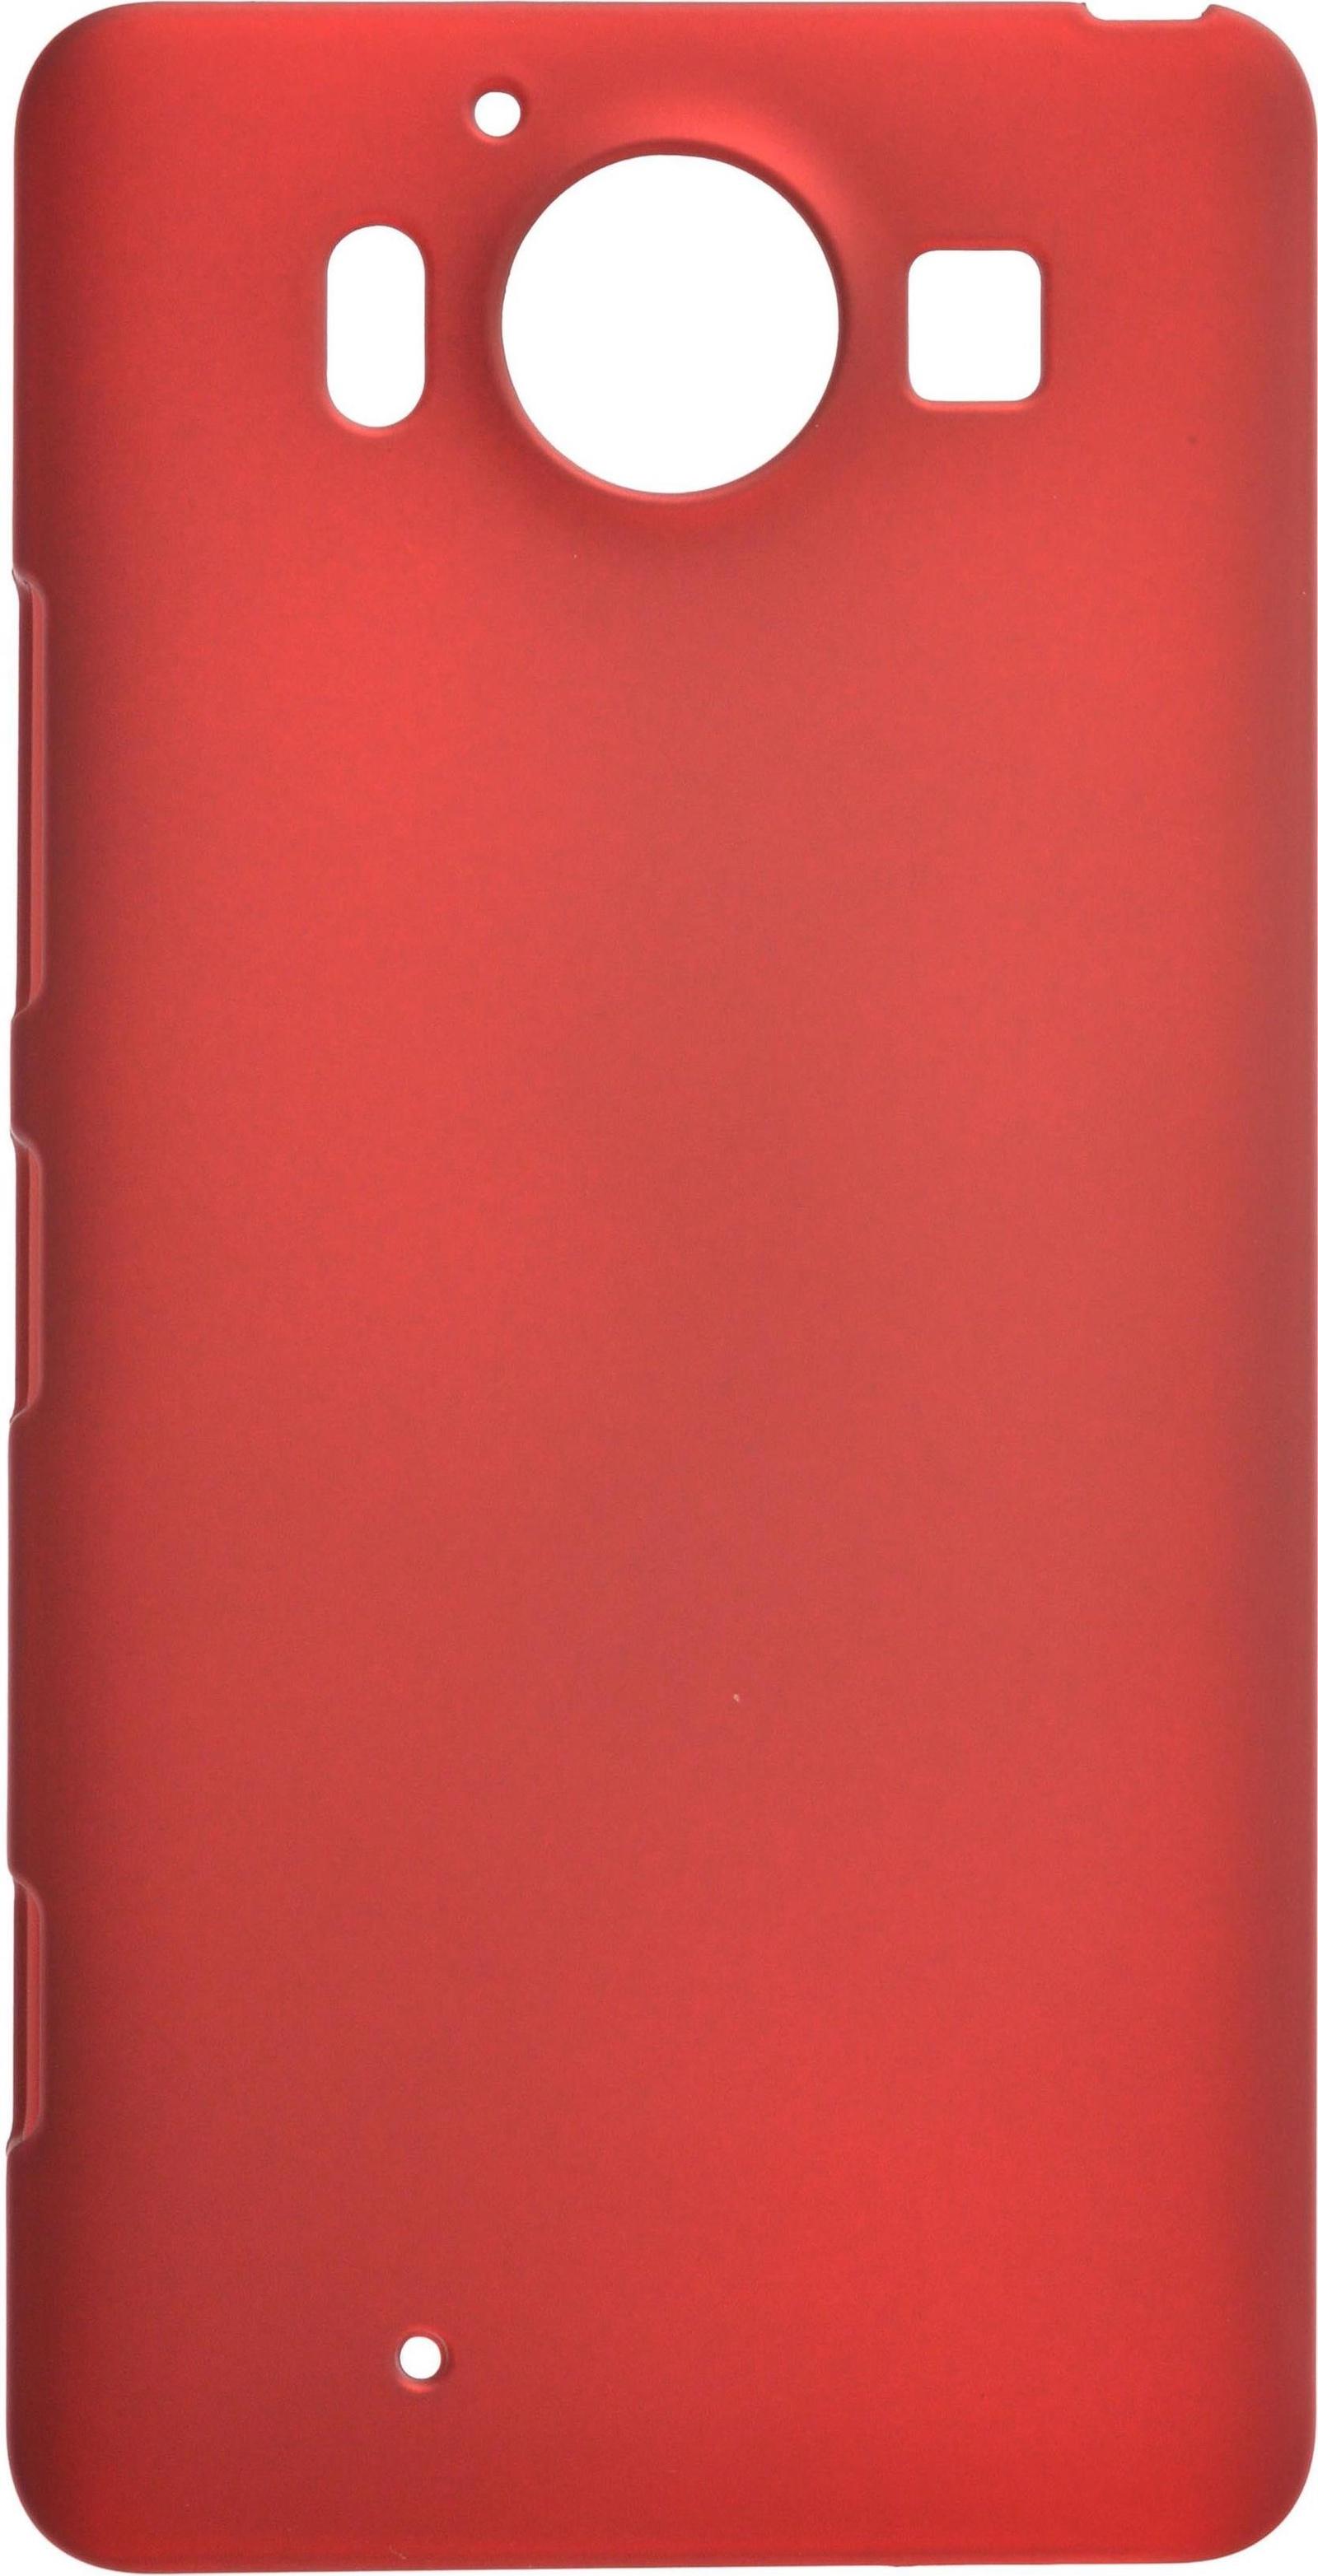 Чехол для сотового телефона skinBOX 4People, 4630042527478, красный чехол для сотового телефона skinbox 4people 4630042528994 красный